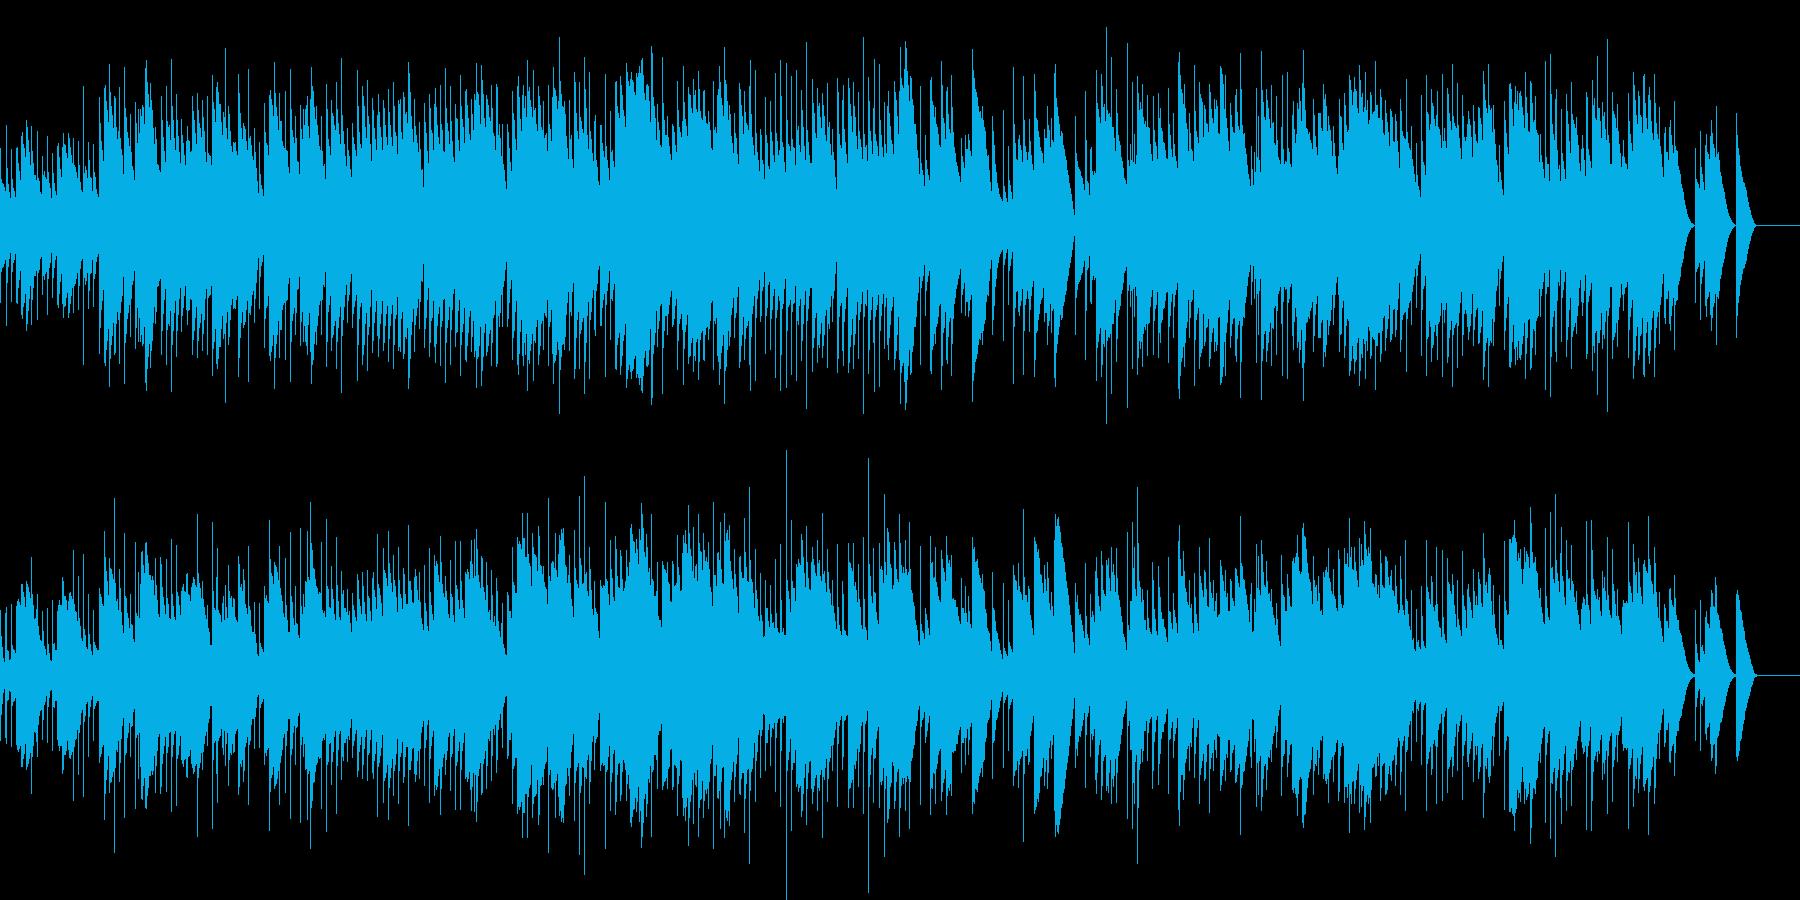 カルメン 間奏曲(オルゴール)の再生済みの波形